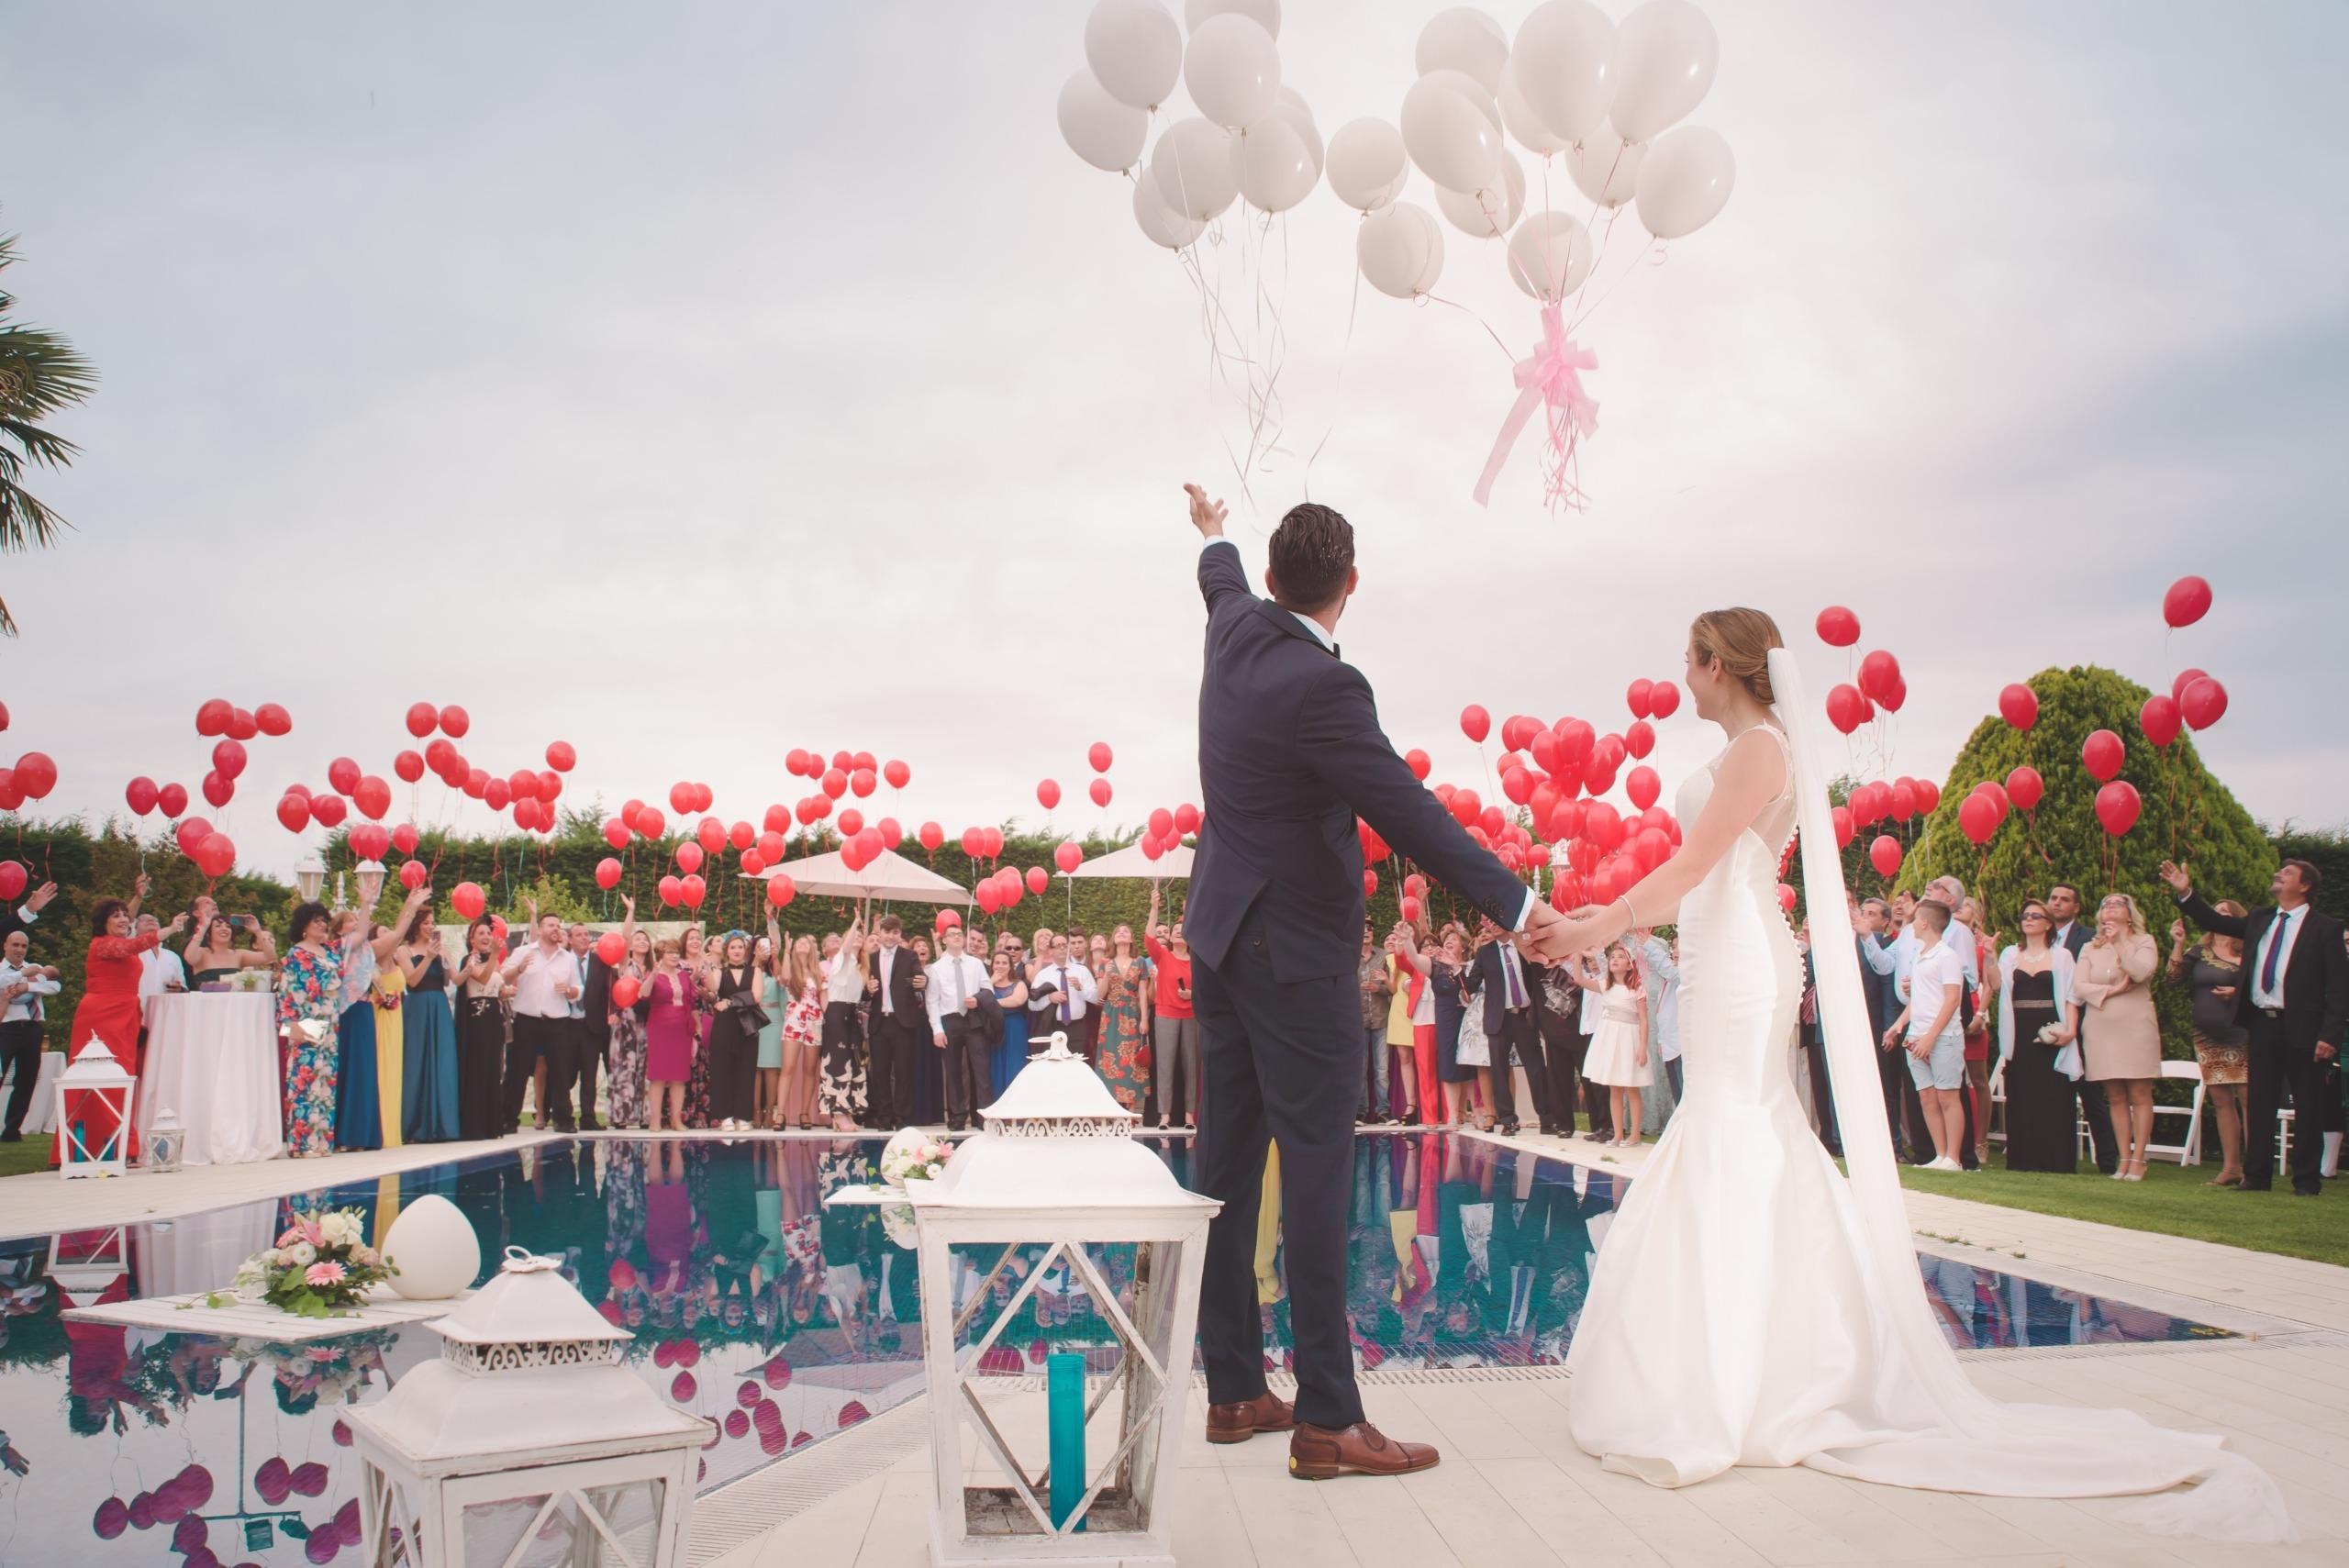 Mariés de dos face à une piscine ou se trouvent les invités à l'opposé pour un lâcher de ballons